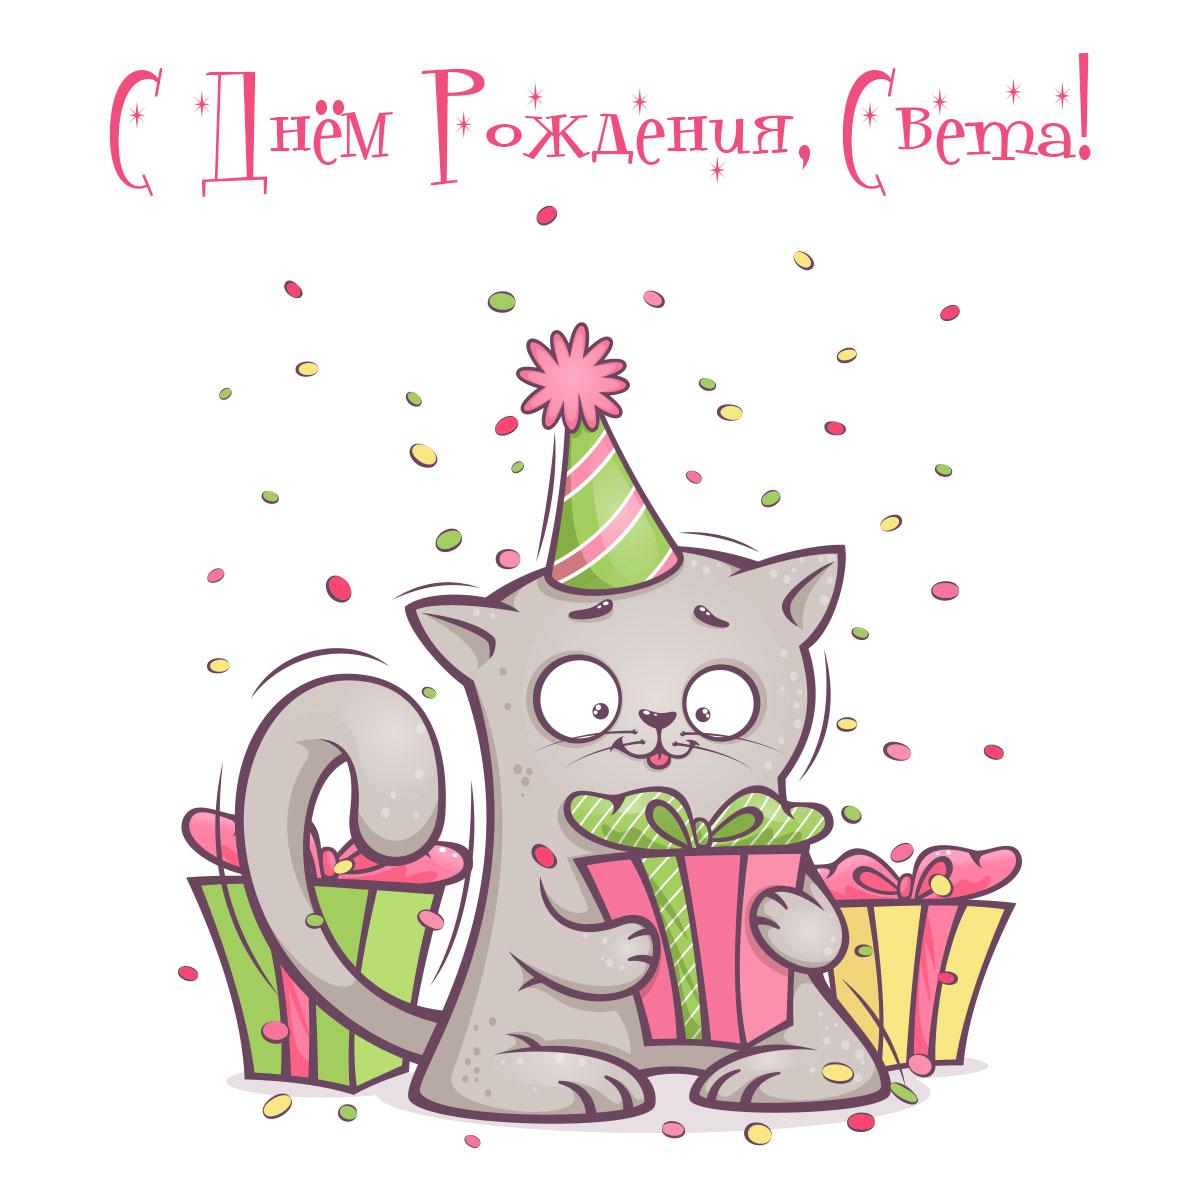 Картинка с розовым текстом с днем рождения Света с рисунком кошки в шляпе для вечеринок и коробок с подарками.